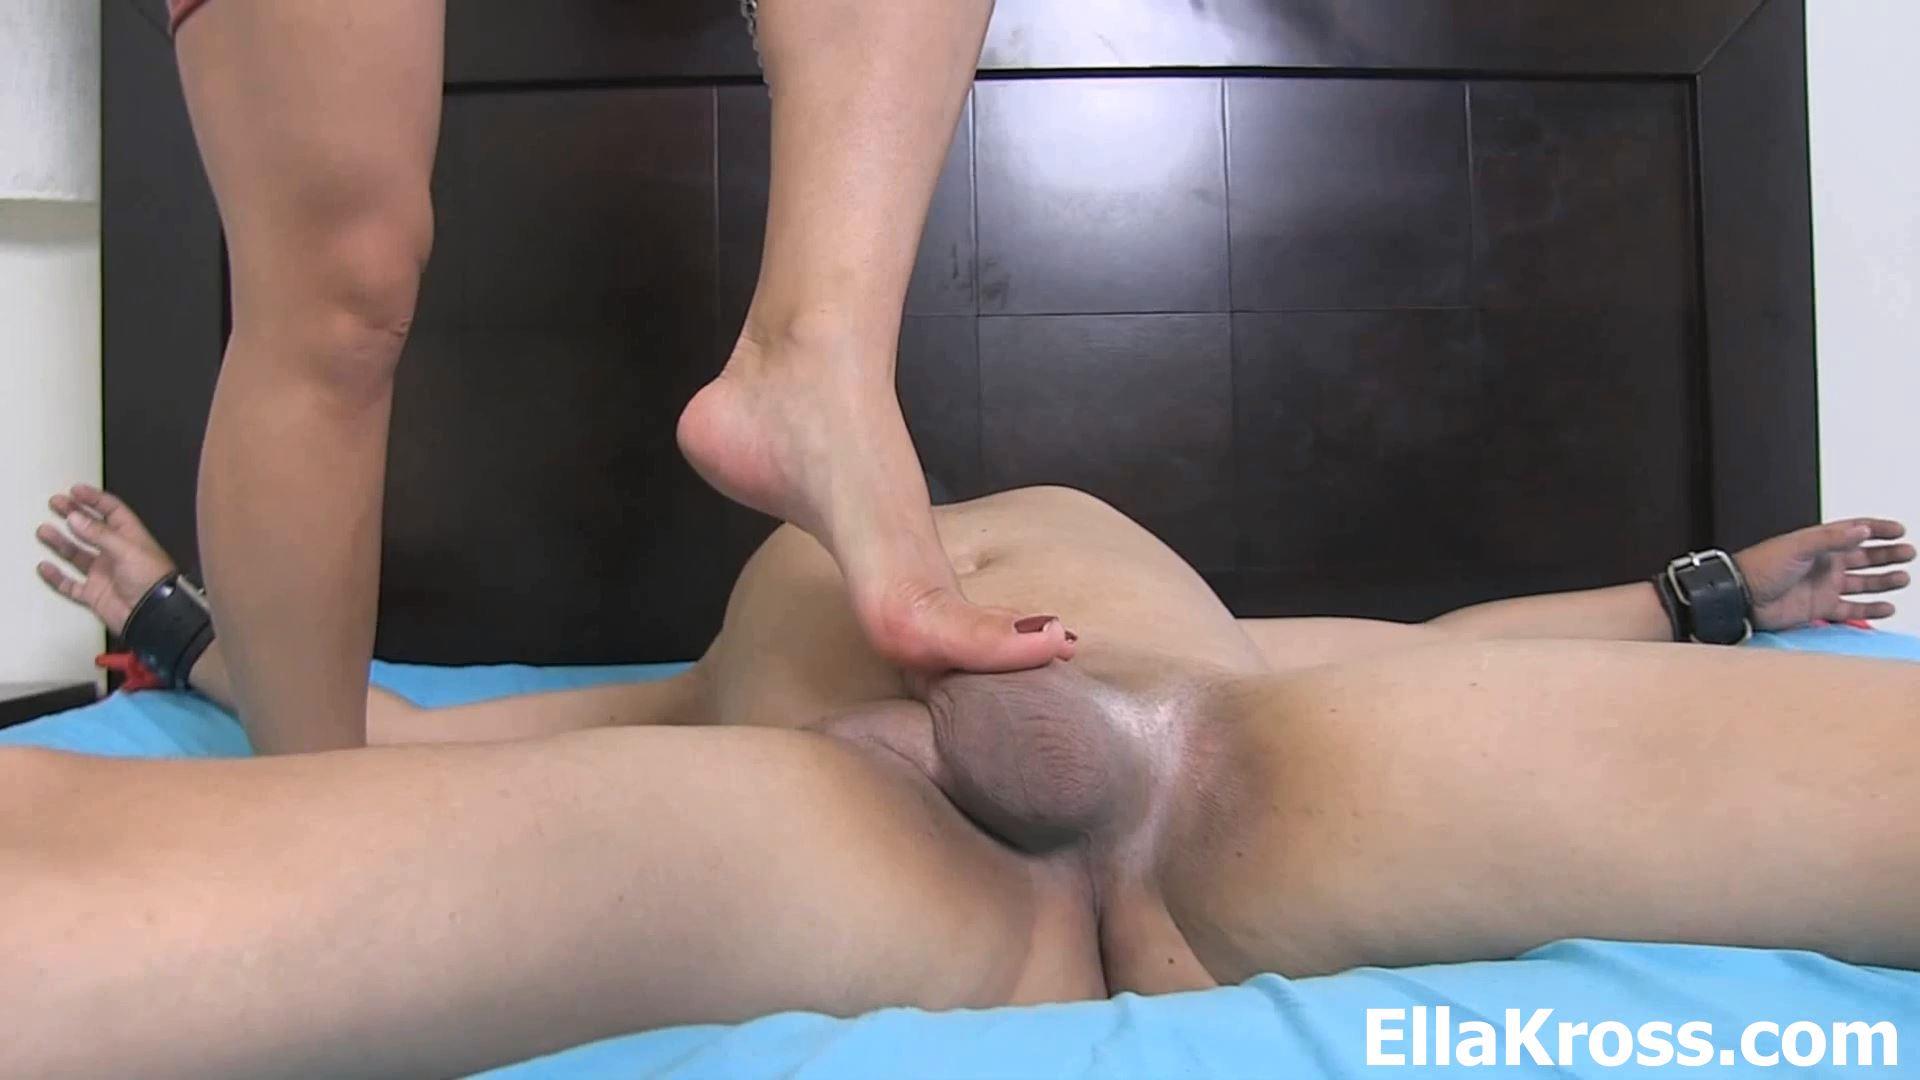 Ella Kross In Scene: I catch my stepson jerking-off - ELLAKROSS - FULL HD/1080p/MP4